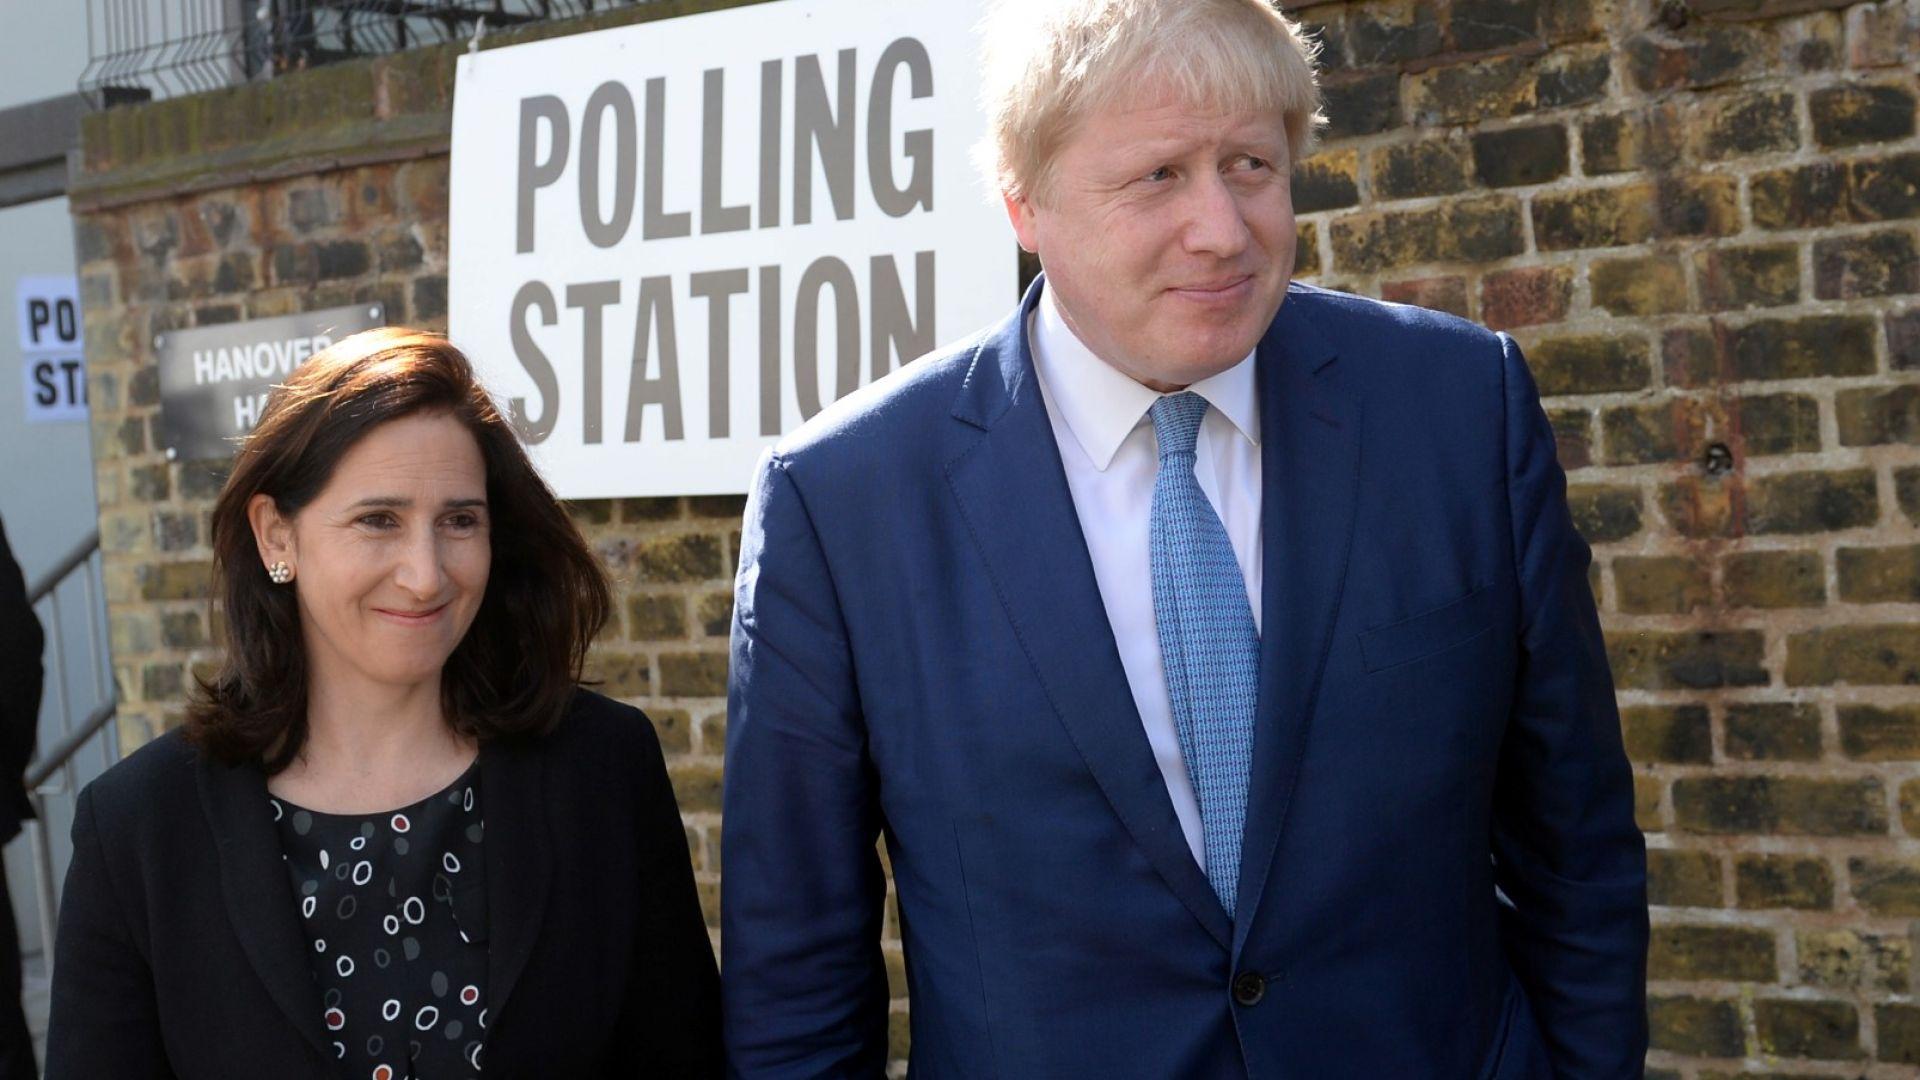 Спряганият за премиер Борис Джонсън се развежда, изневерявал